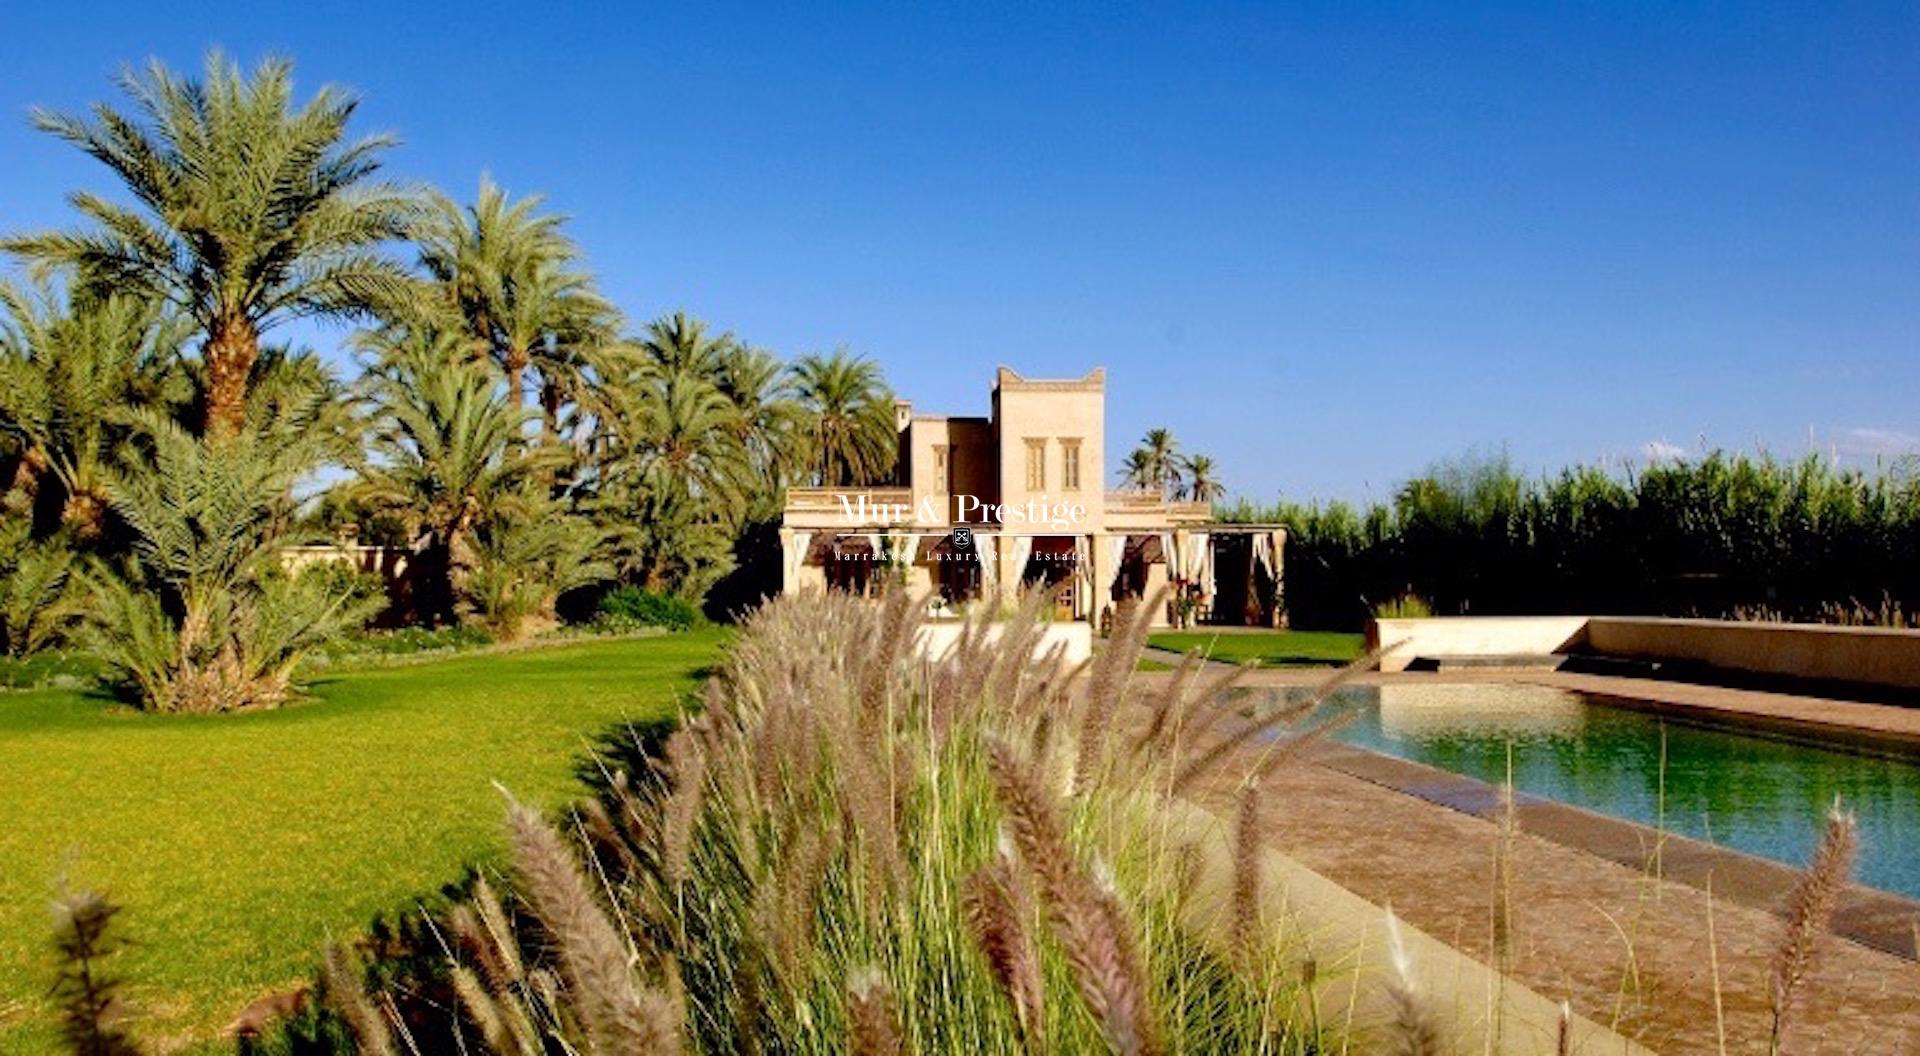 Maison à vendre dans la Palmeraie Marrakech